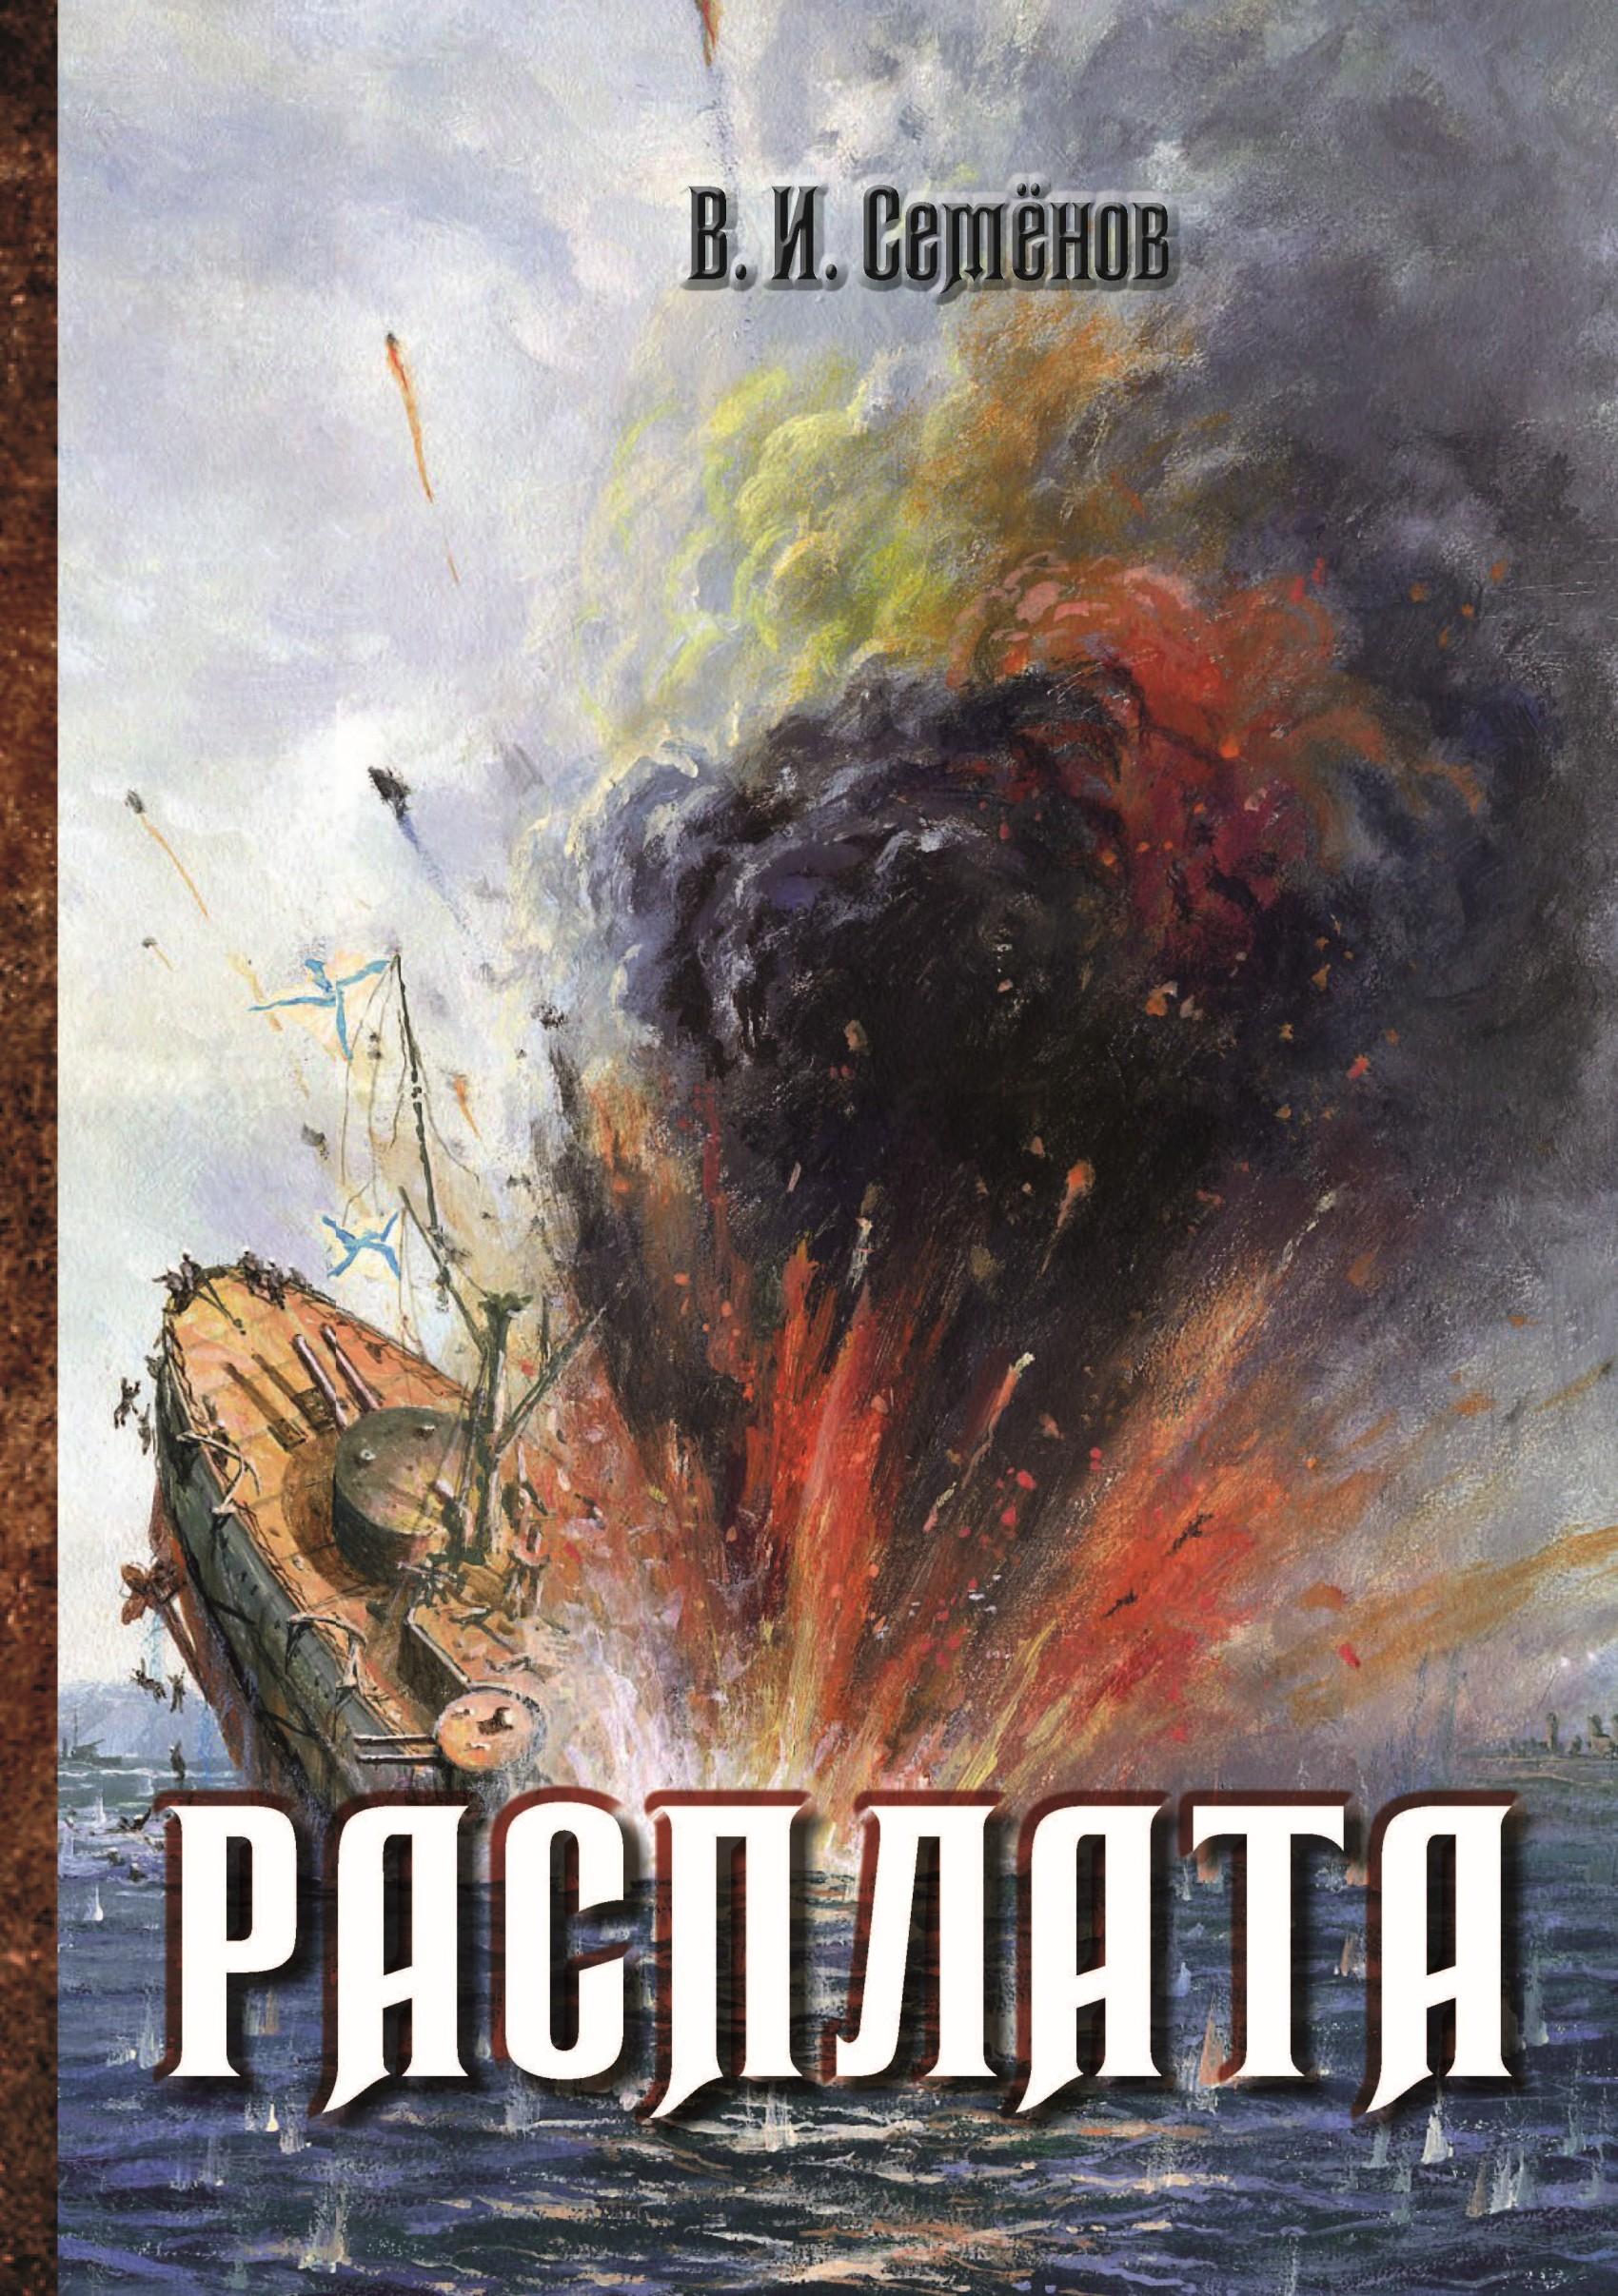 Купить книгу Расплата, автора В. И. Семенова